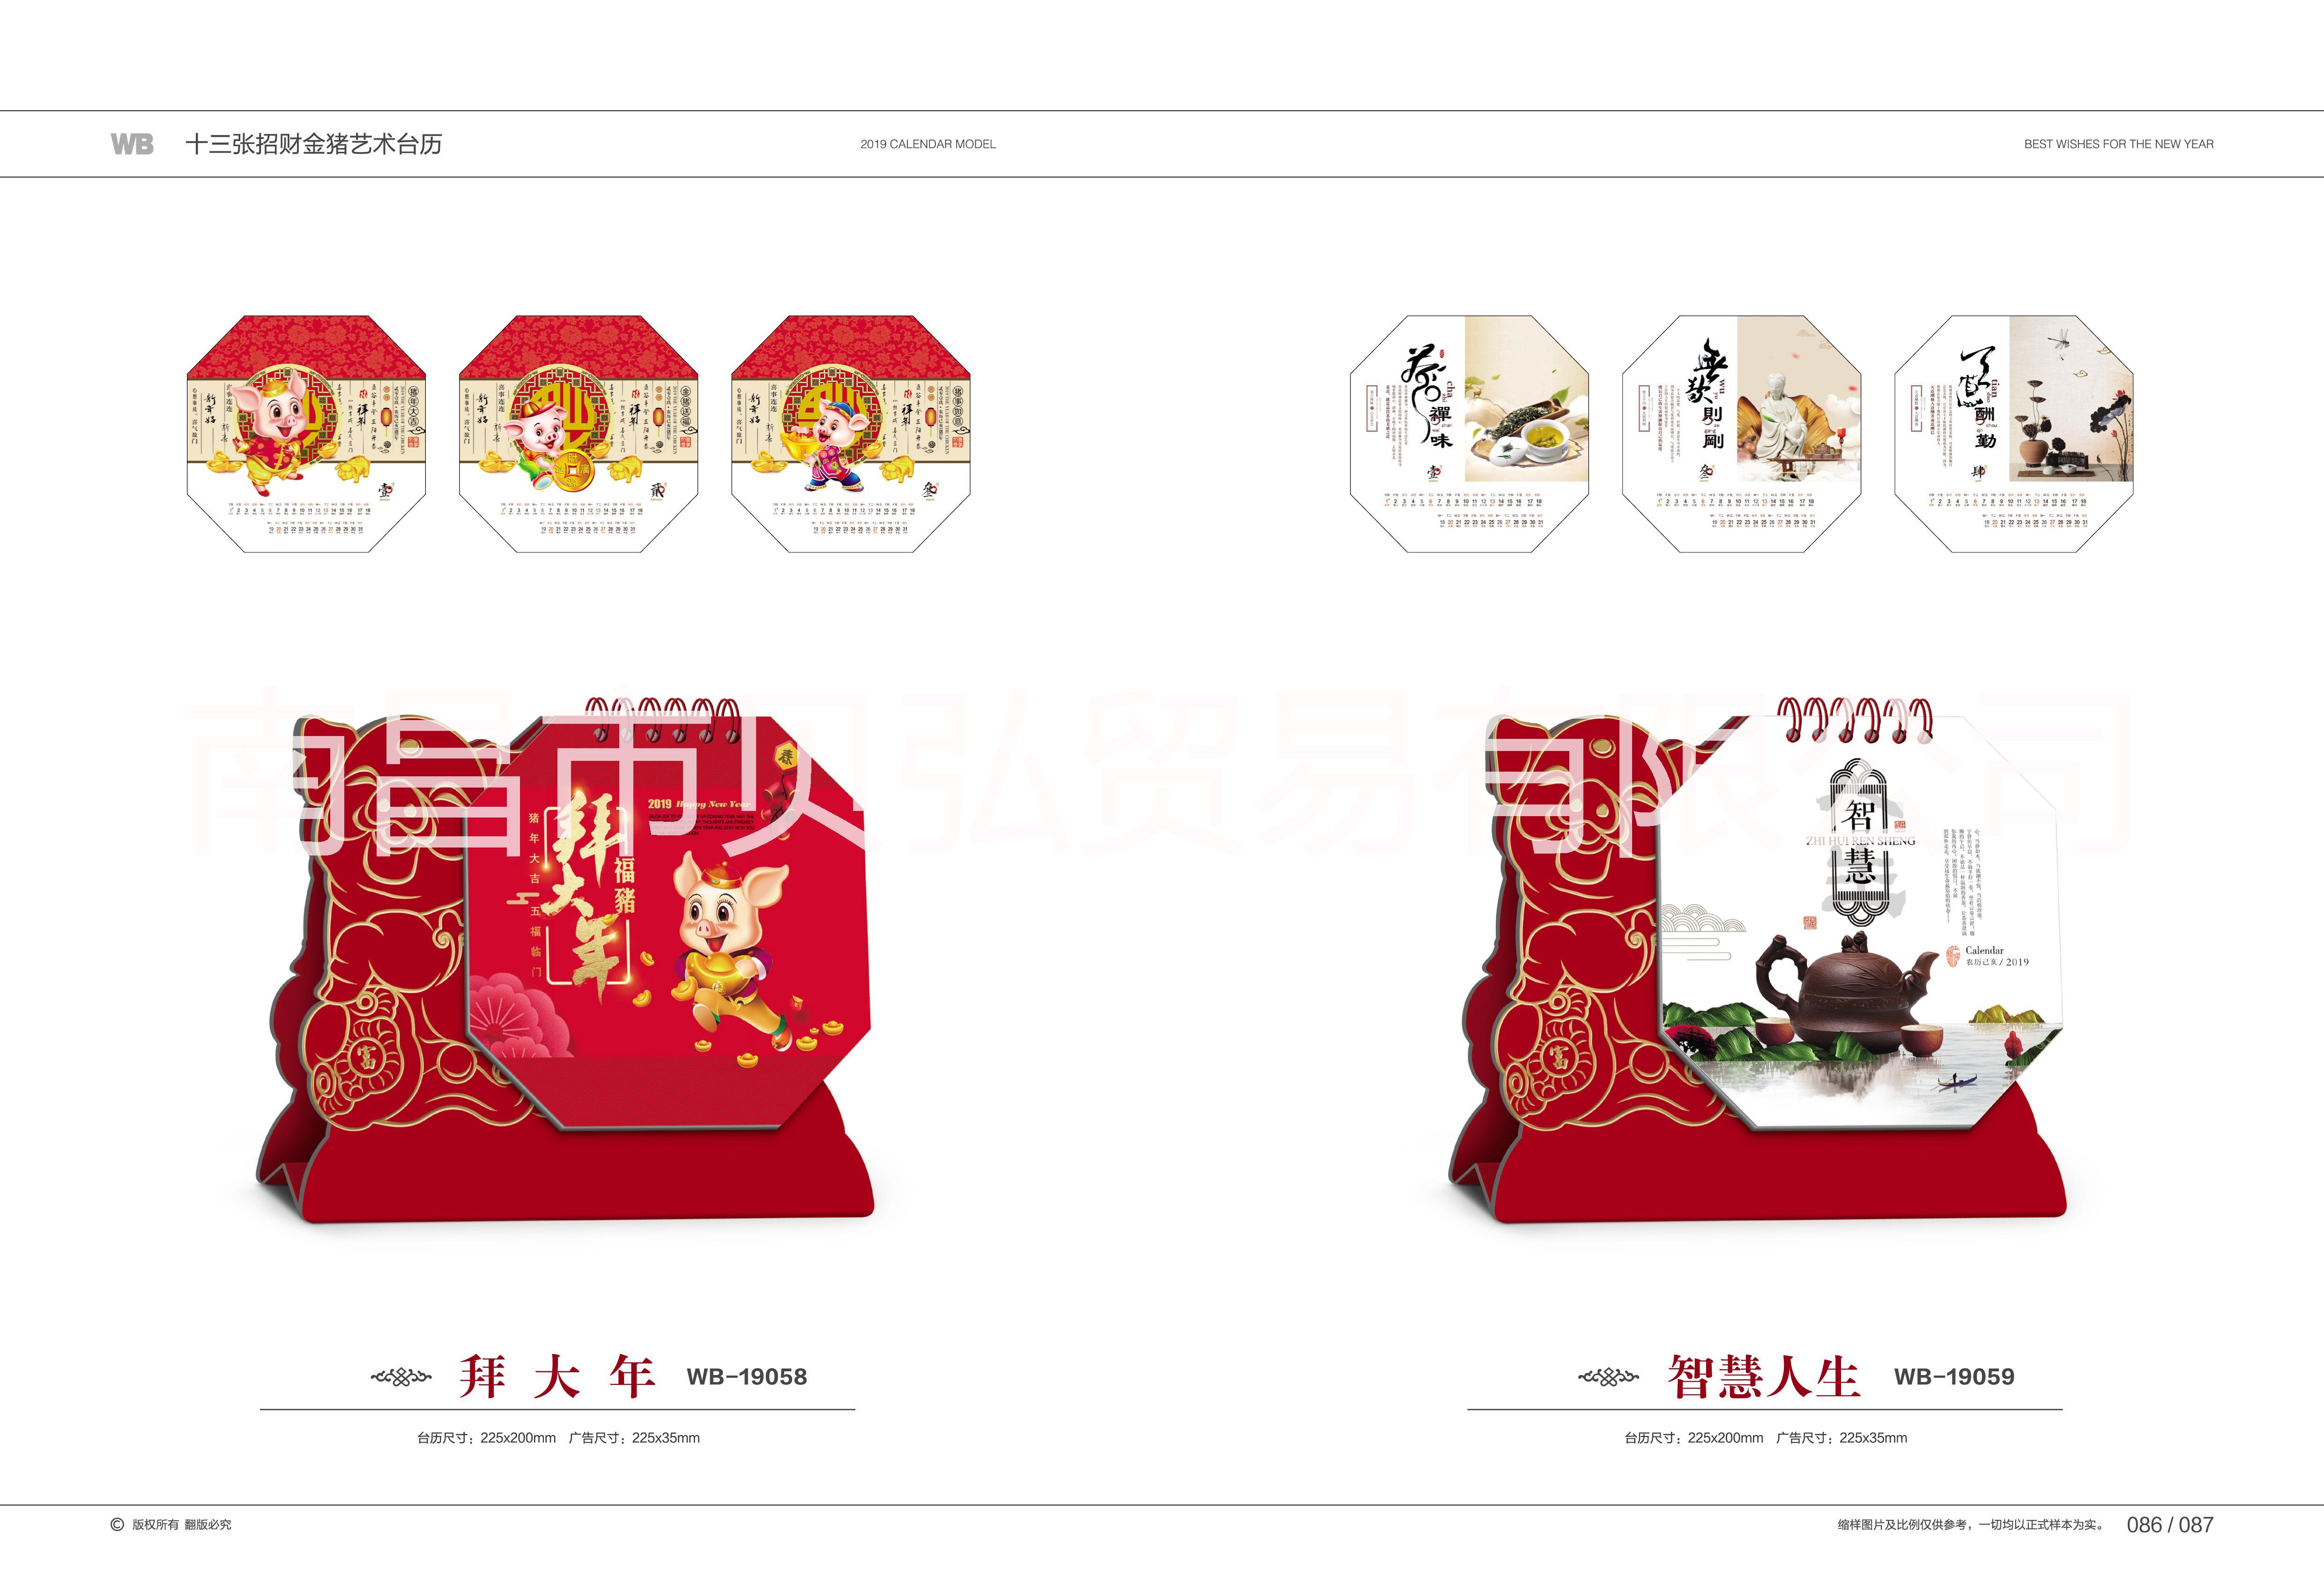 赣州贝弘台历、挂历、福牌、红包印刷厂家专业定制logo